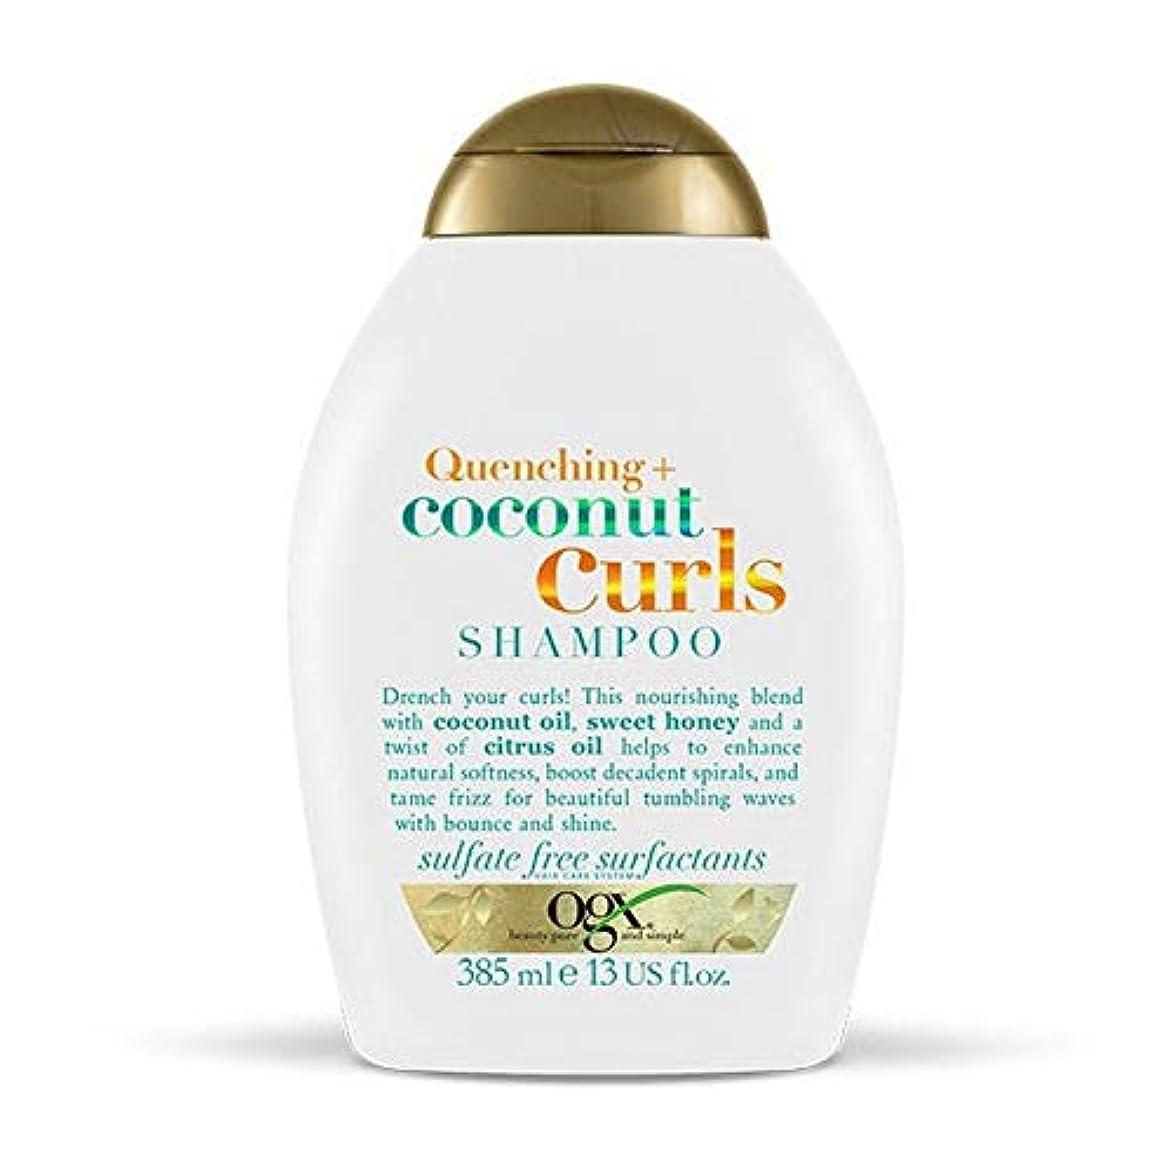 目指す仕事に行く火山[Ogx] Ogx消光ココナッツカールシャンプー385ミリリットル - OGX Quenching Coconut Curls Shampoo 385ml [並行輸入品]